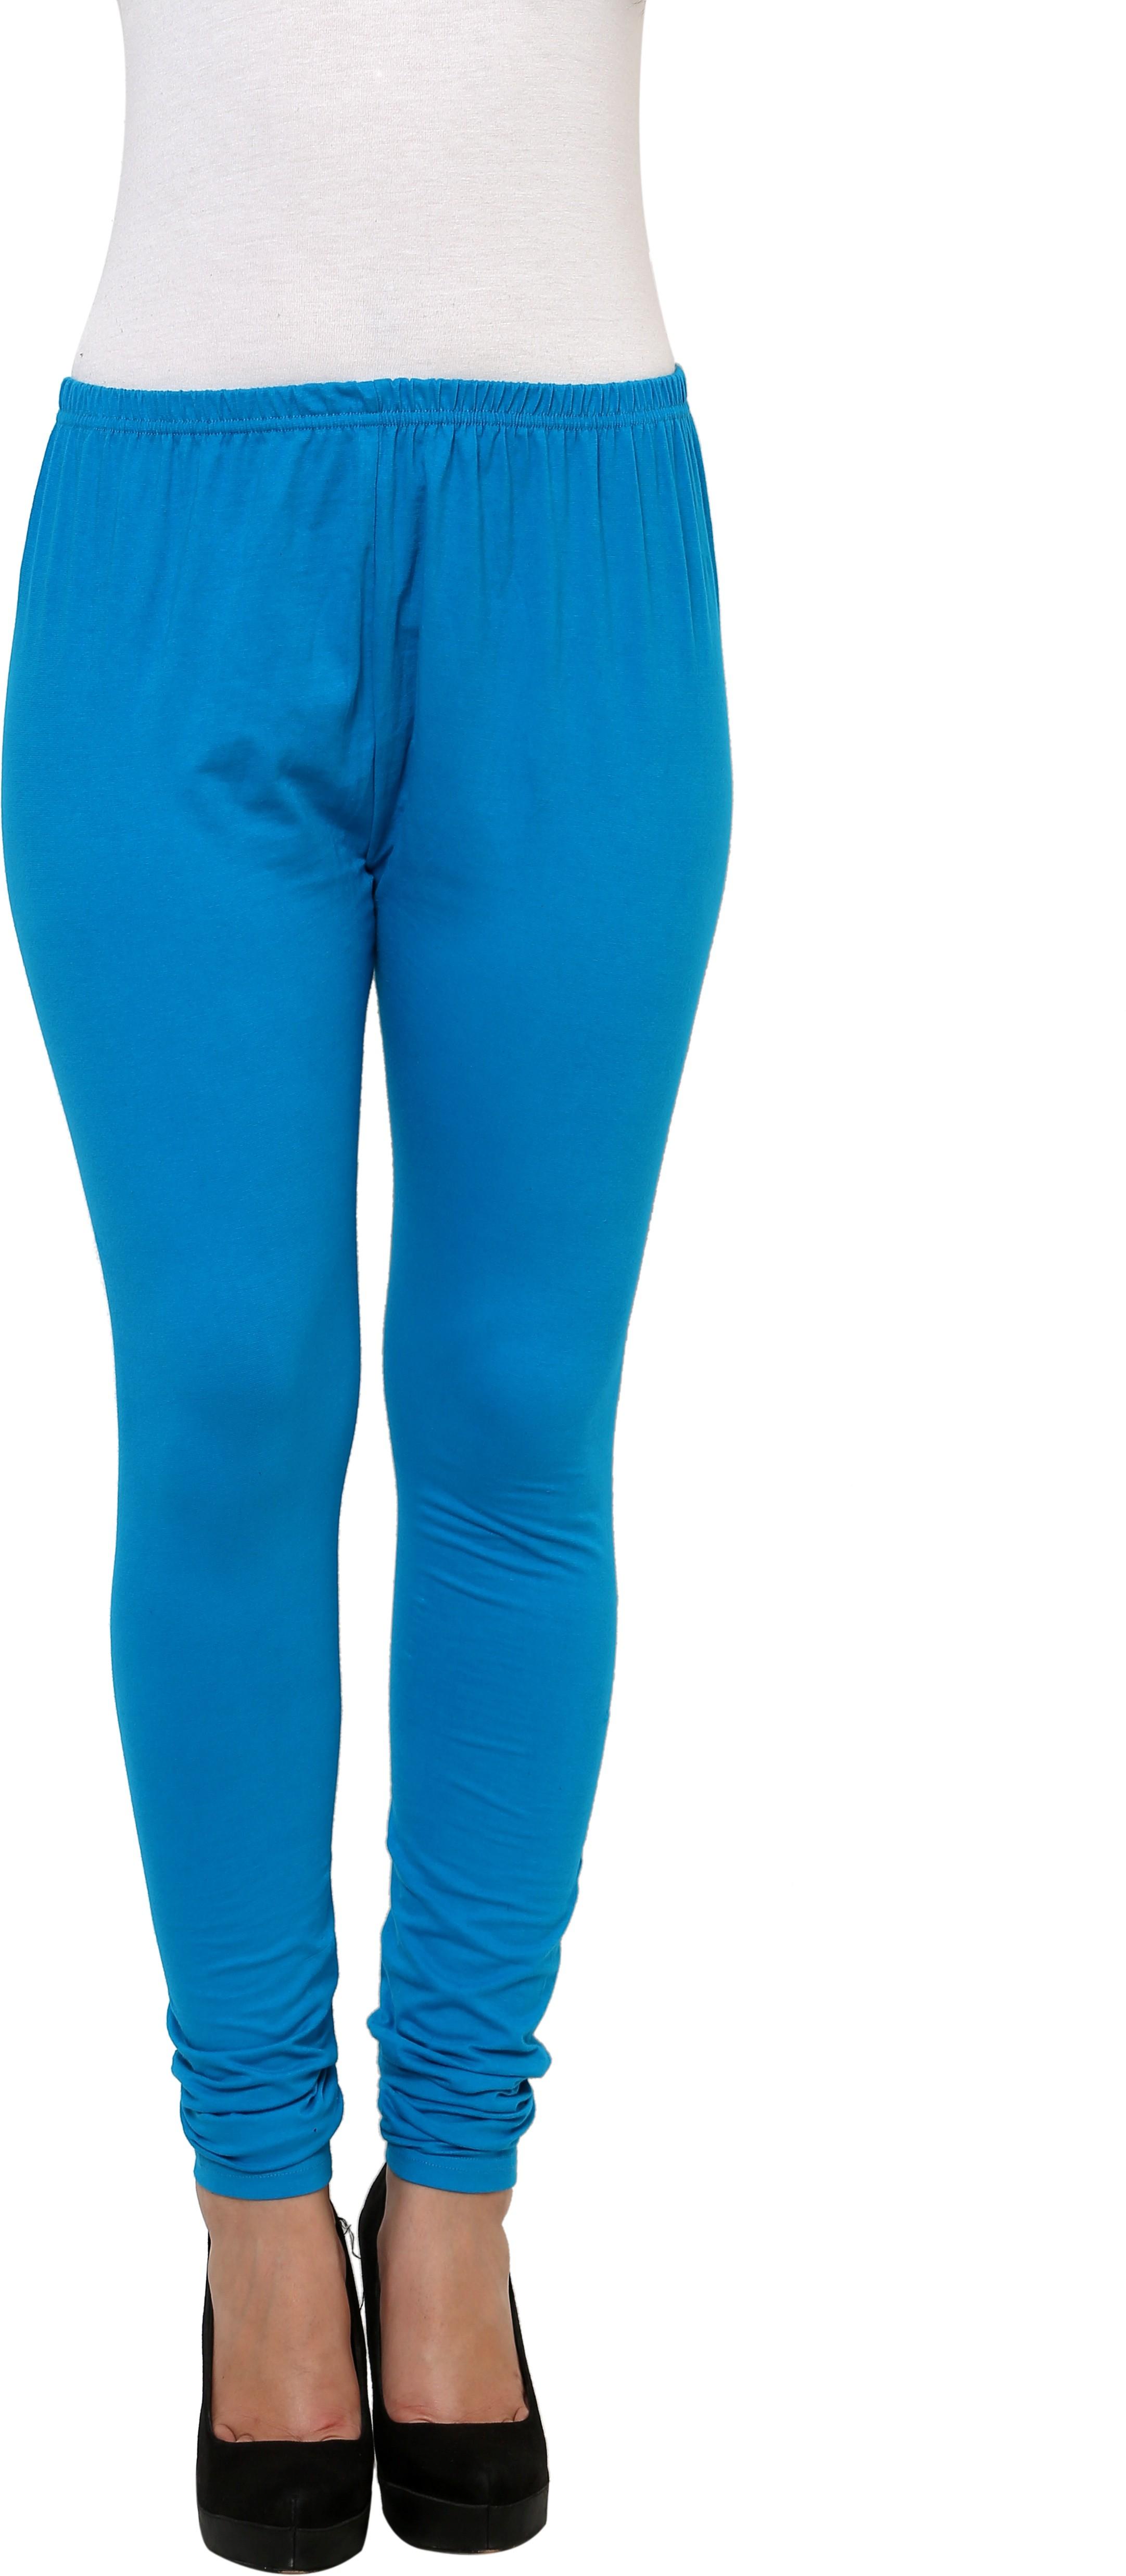 Leebonee Womens Light Blue Leggings